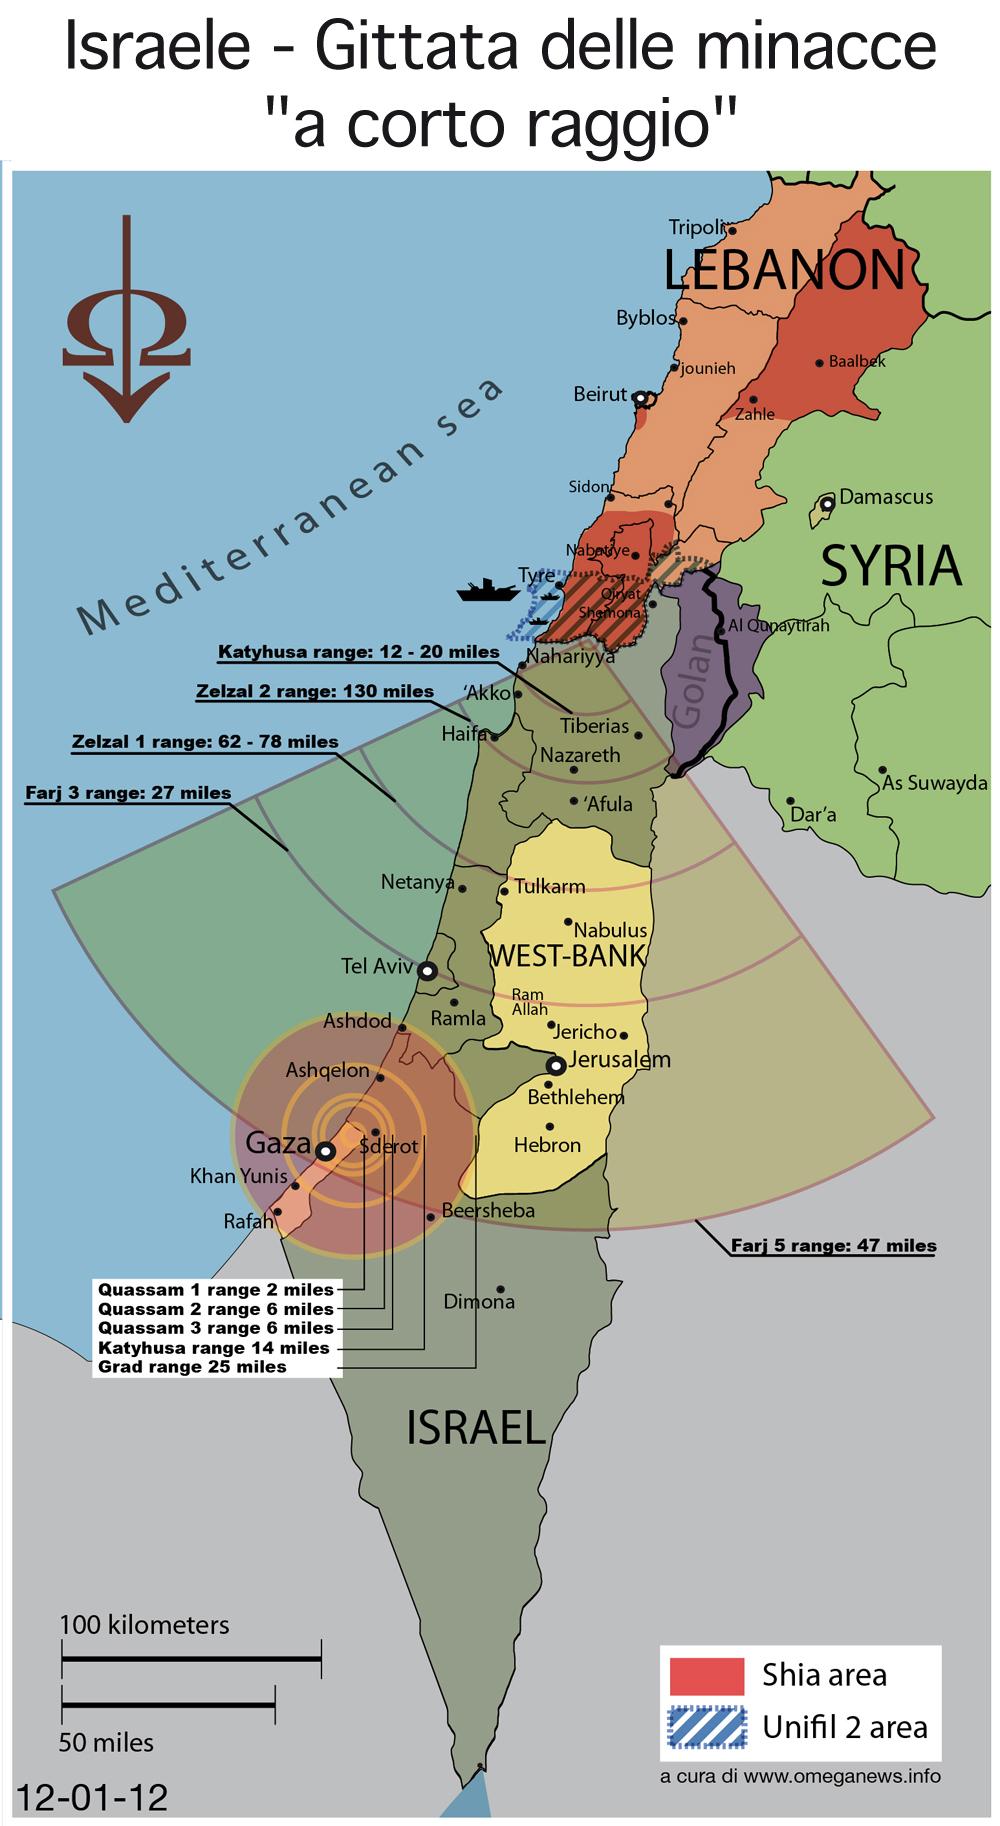 """Cartografia – Israele: gittata delle minacce """"a corto raggio"""""""